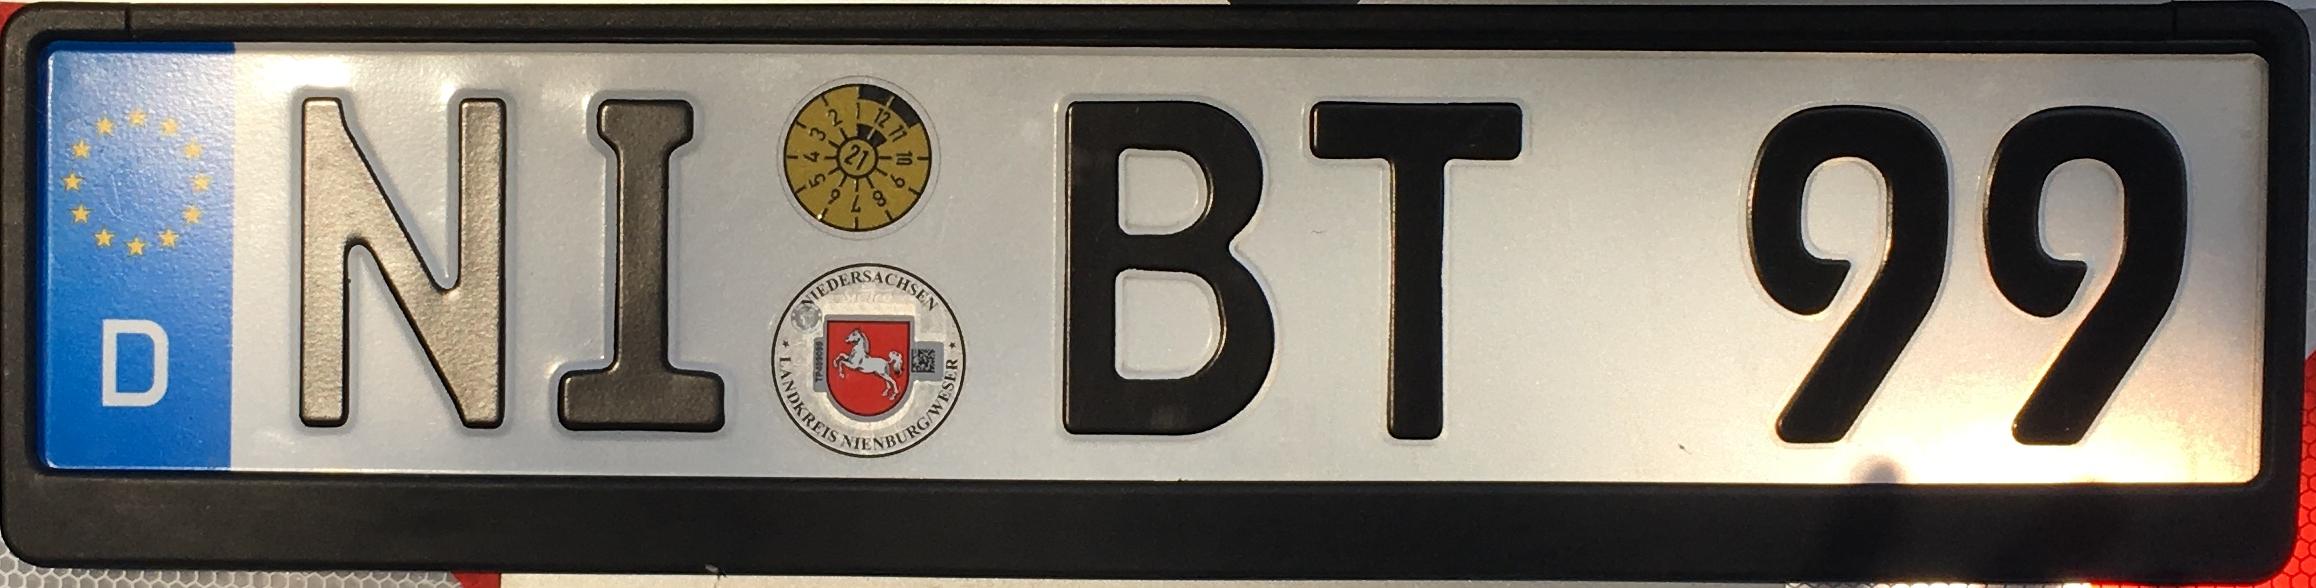 Registrační značky Německo - NI - okres Nienburg, foto: www.podalnici.cz